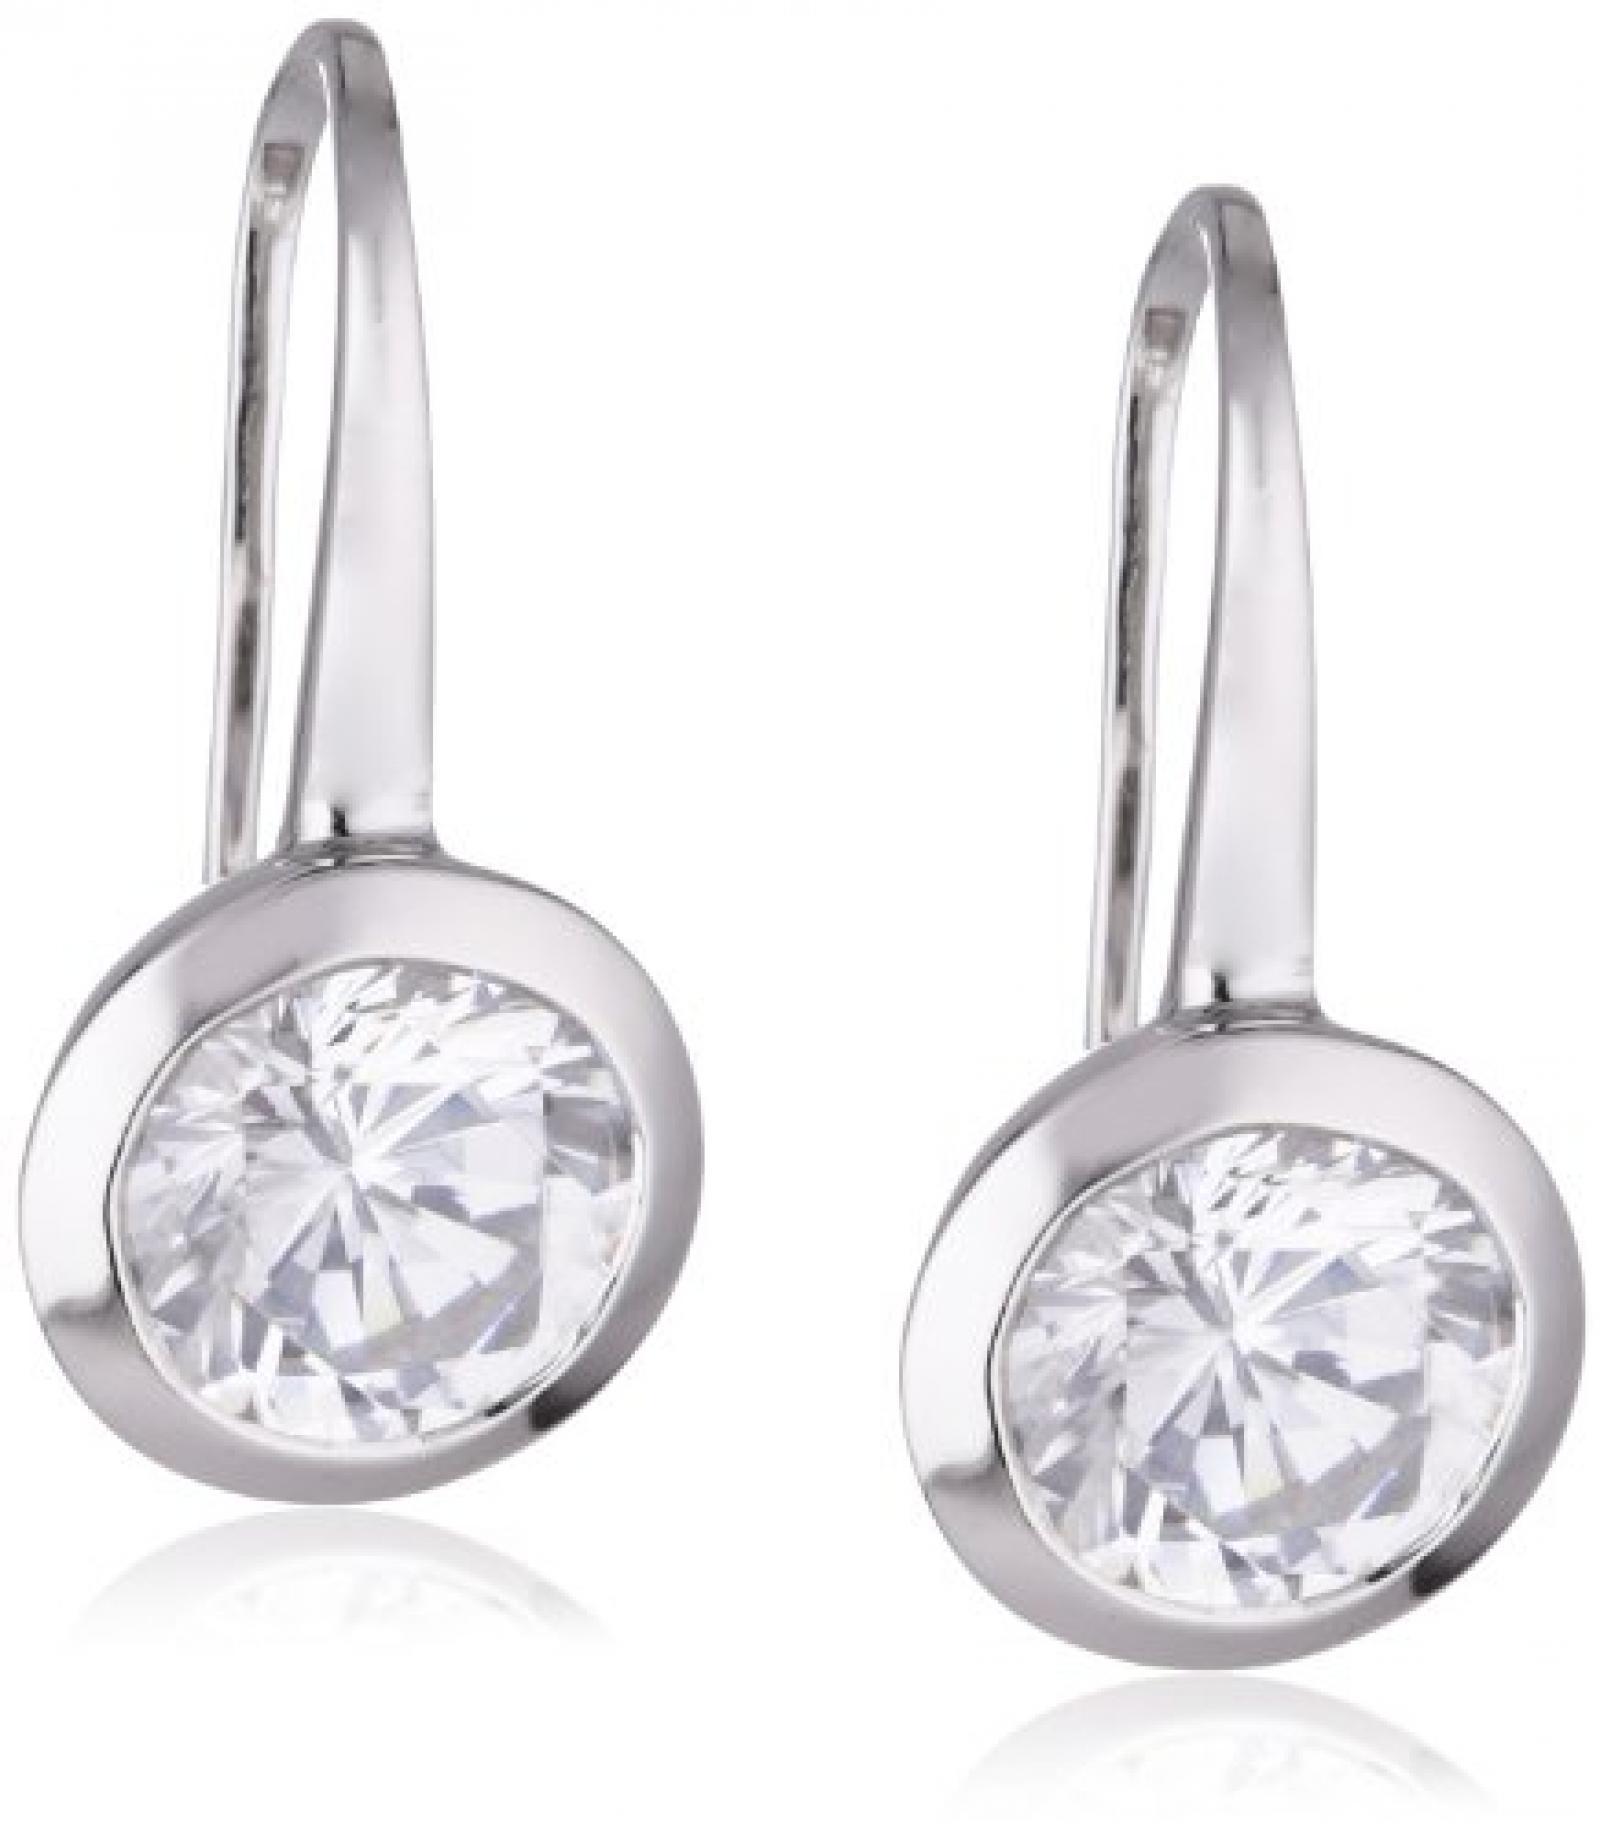 Viventy Damen-Ohrhänger 925 Sterling Silber mit 1 Zirkonia in weiss 763264